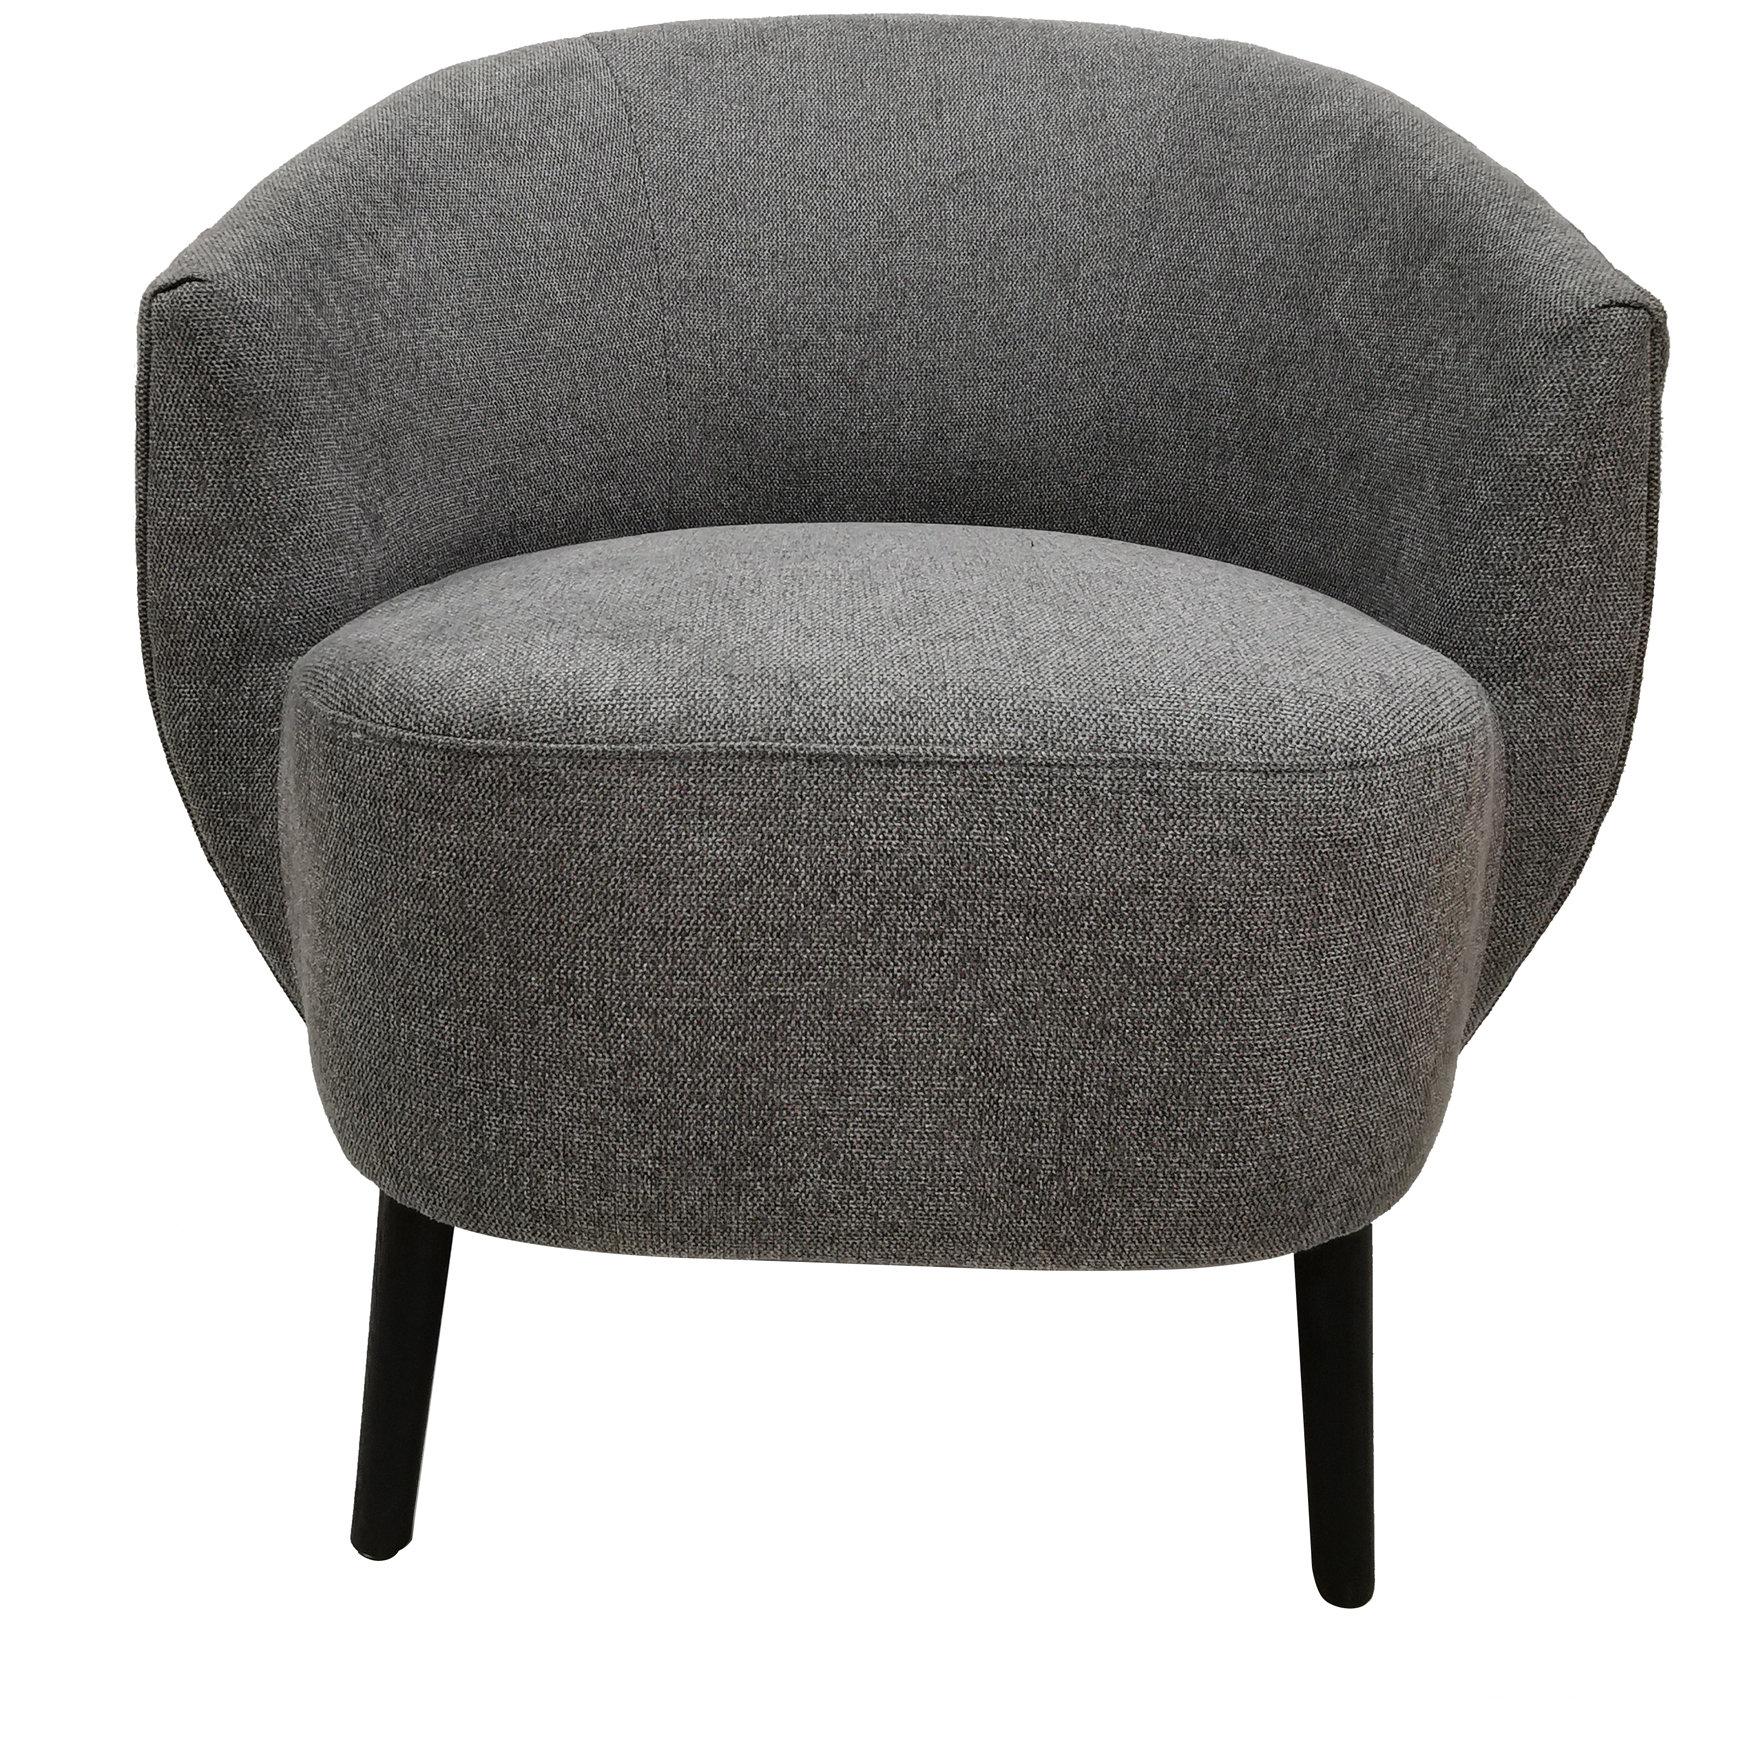 Corrigan Studio Hanley Barrel Chair Wayfair